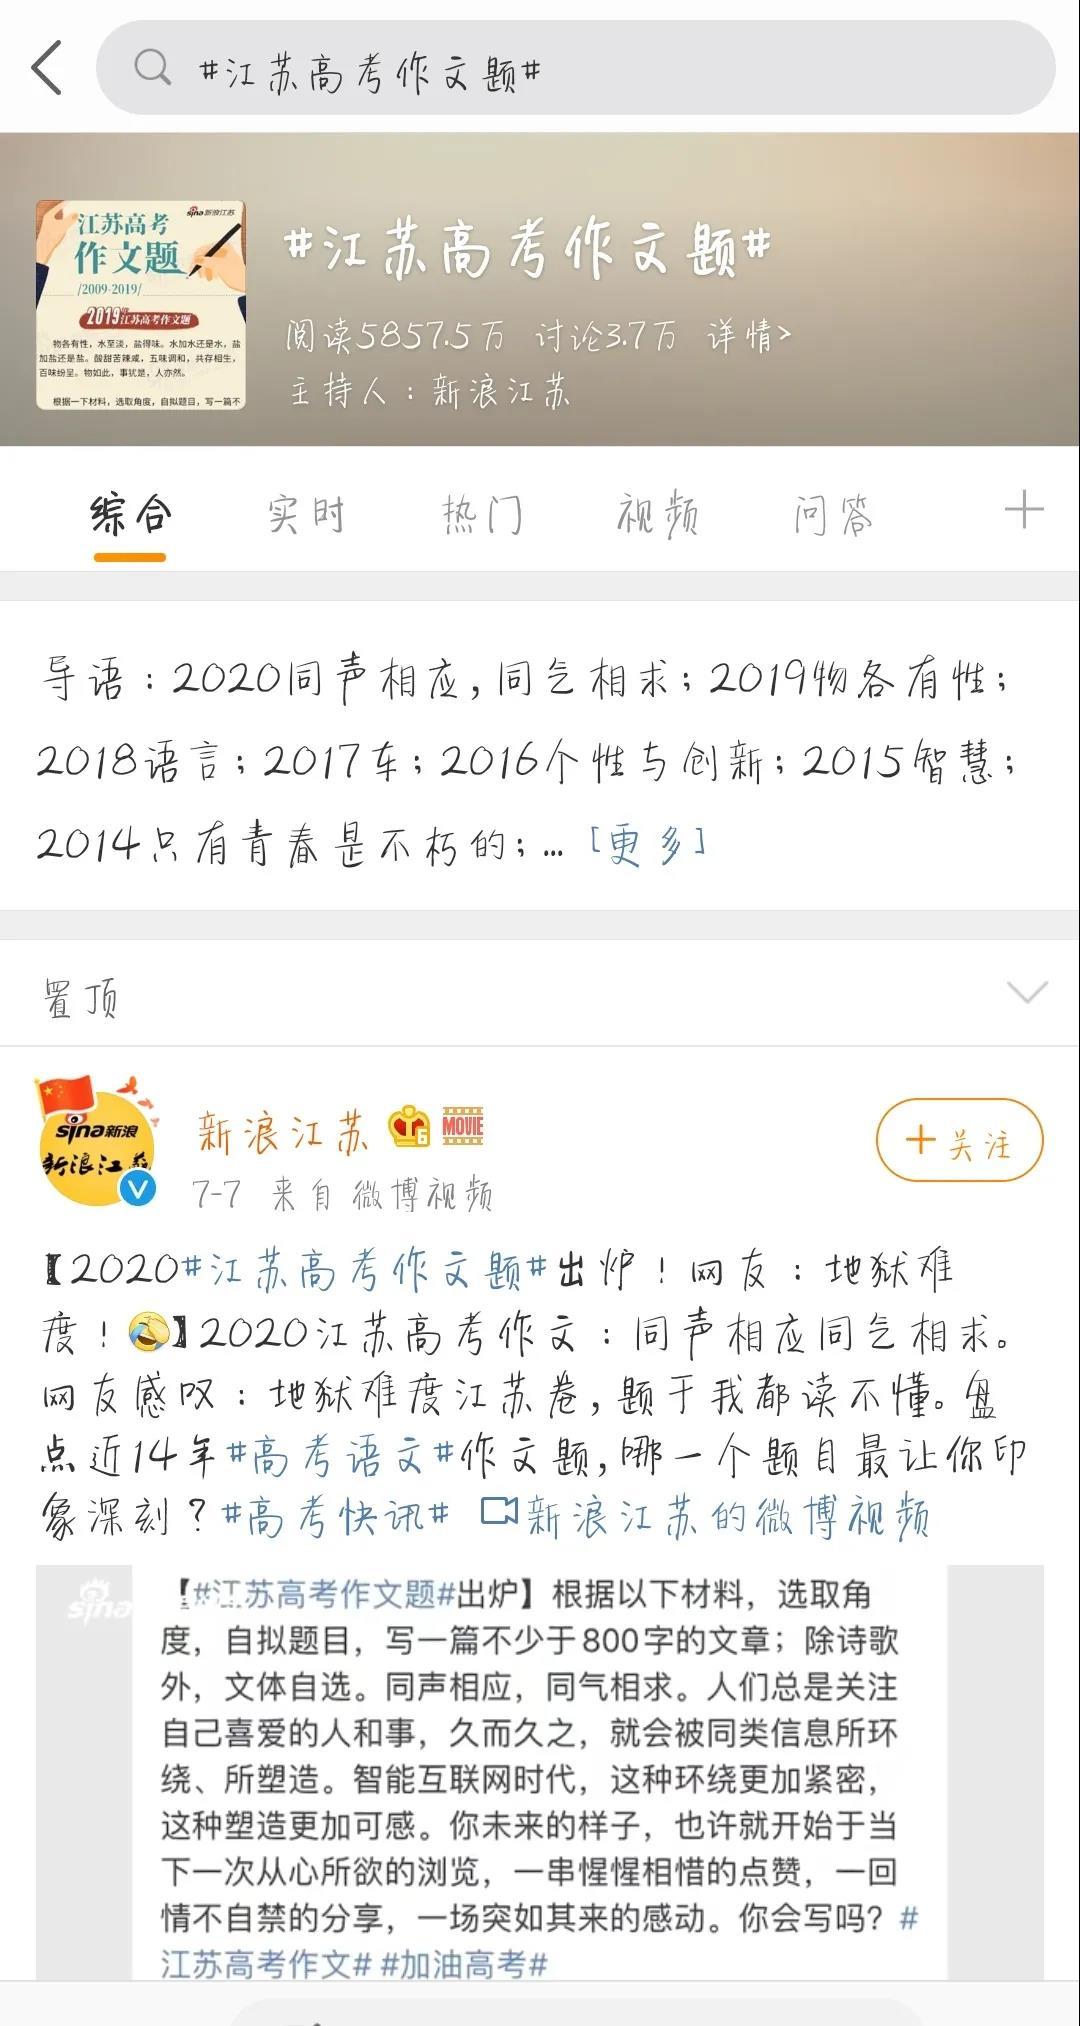 2020高招落幕,明年江苏高考启用全国统一卷图3